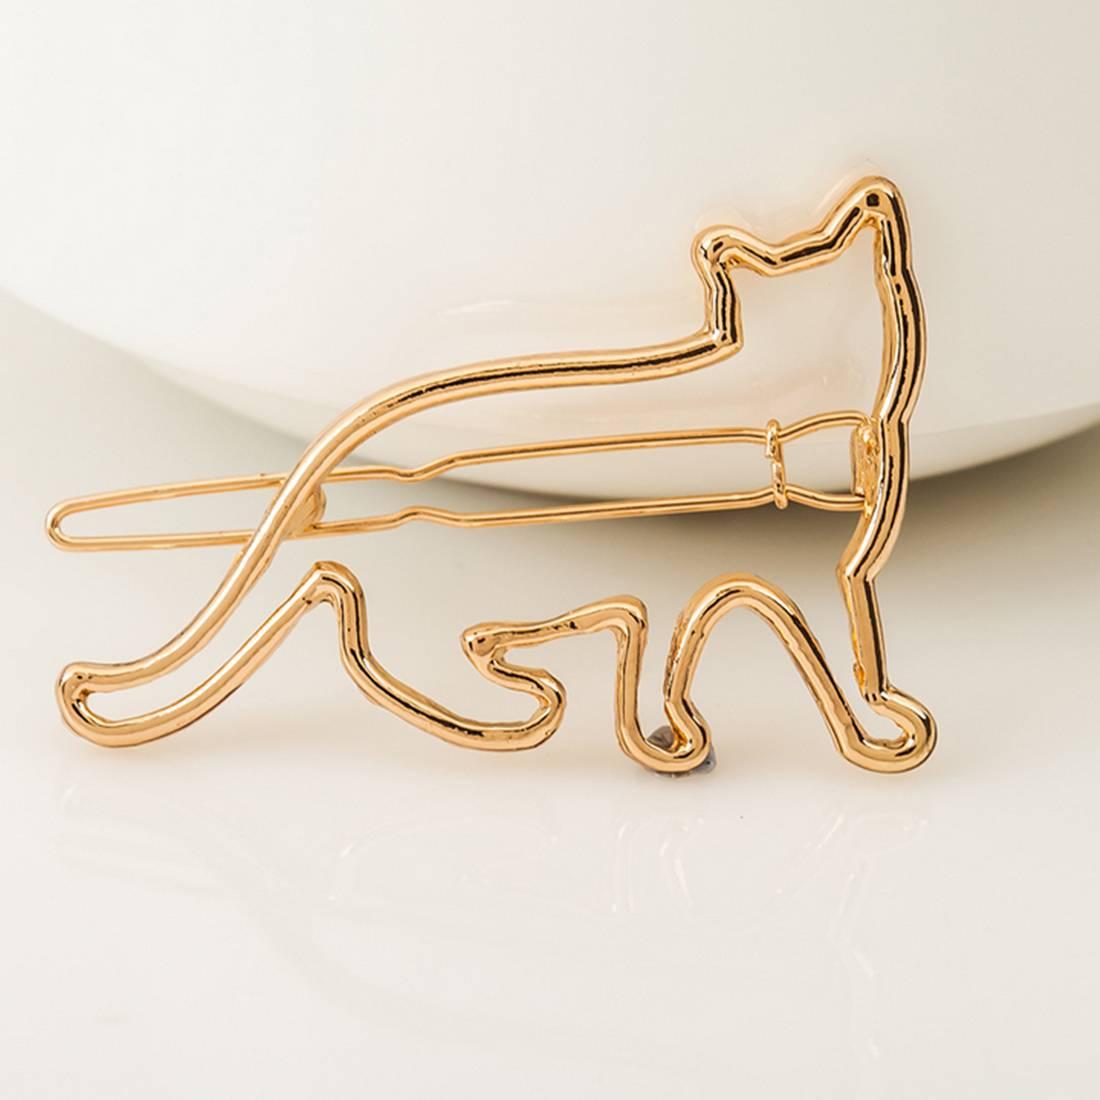 Cat Shape Girl's Hair Clip Hair Jewelry cb5feb1b7314637725a2e7: Gold|Silver